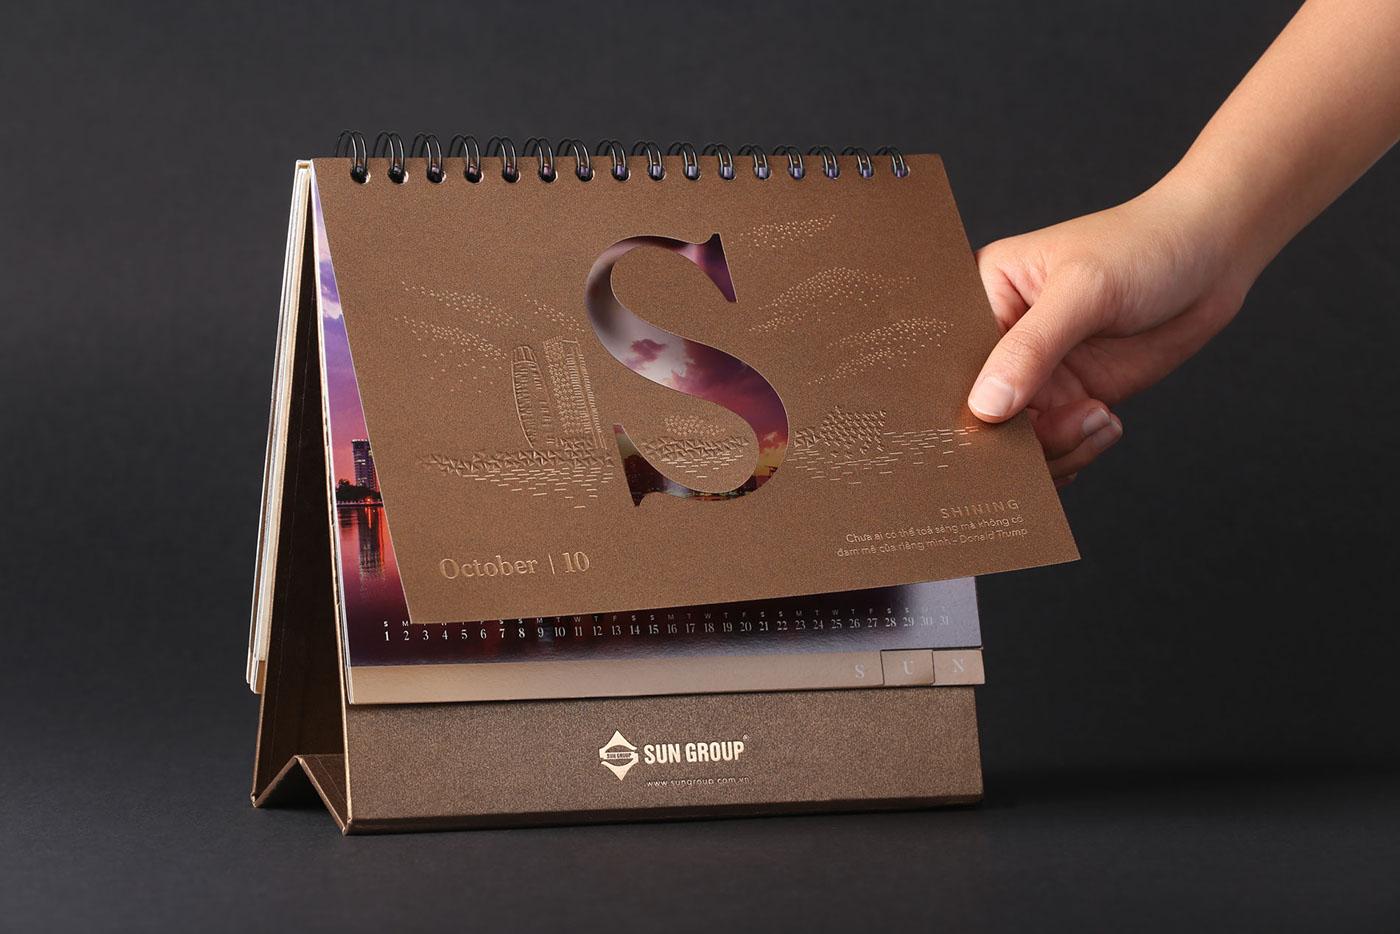 Một cuốn lịch thiết kế mang những nét đặc trưng của doanh nghiệp